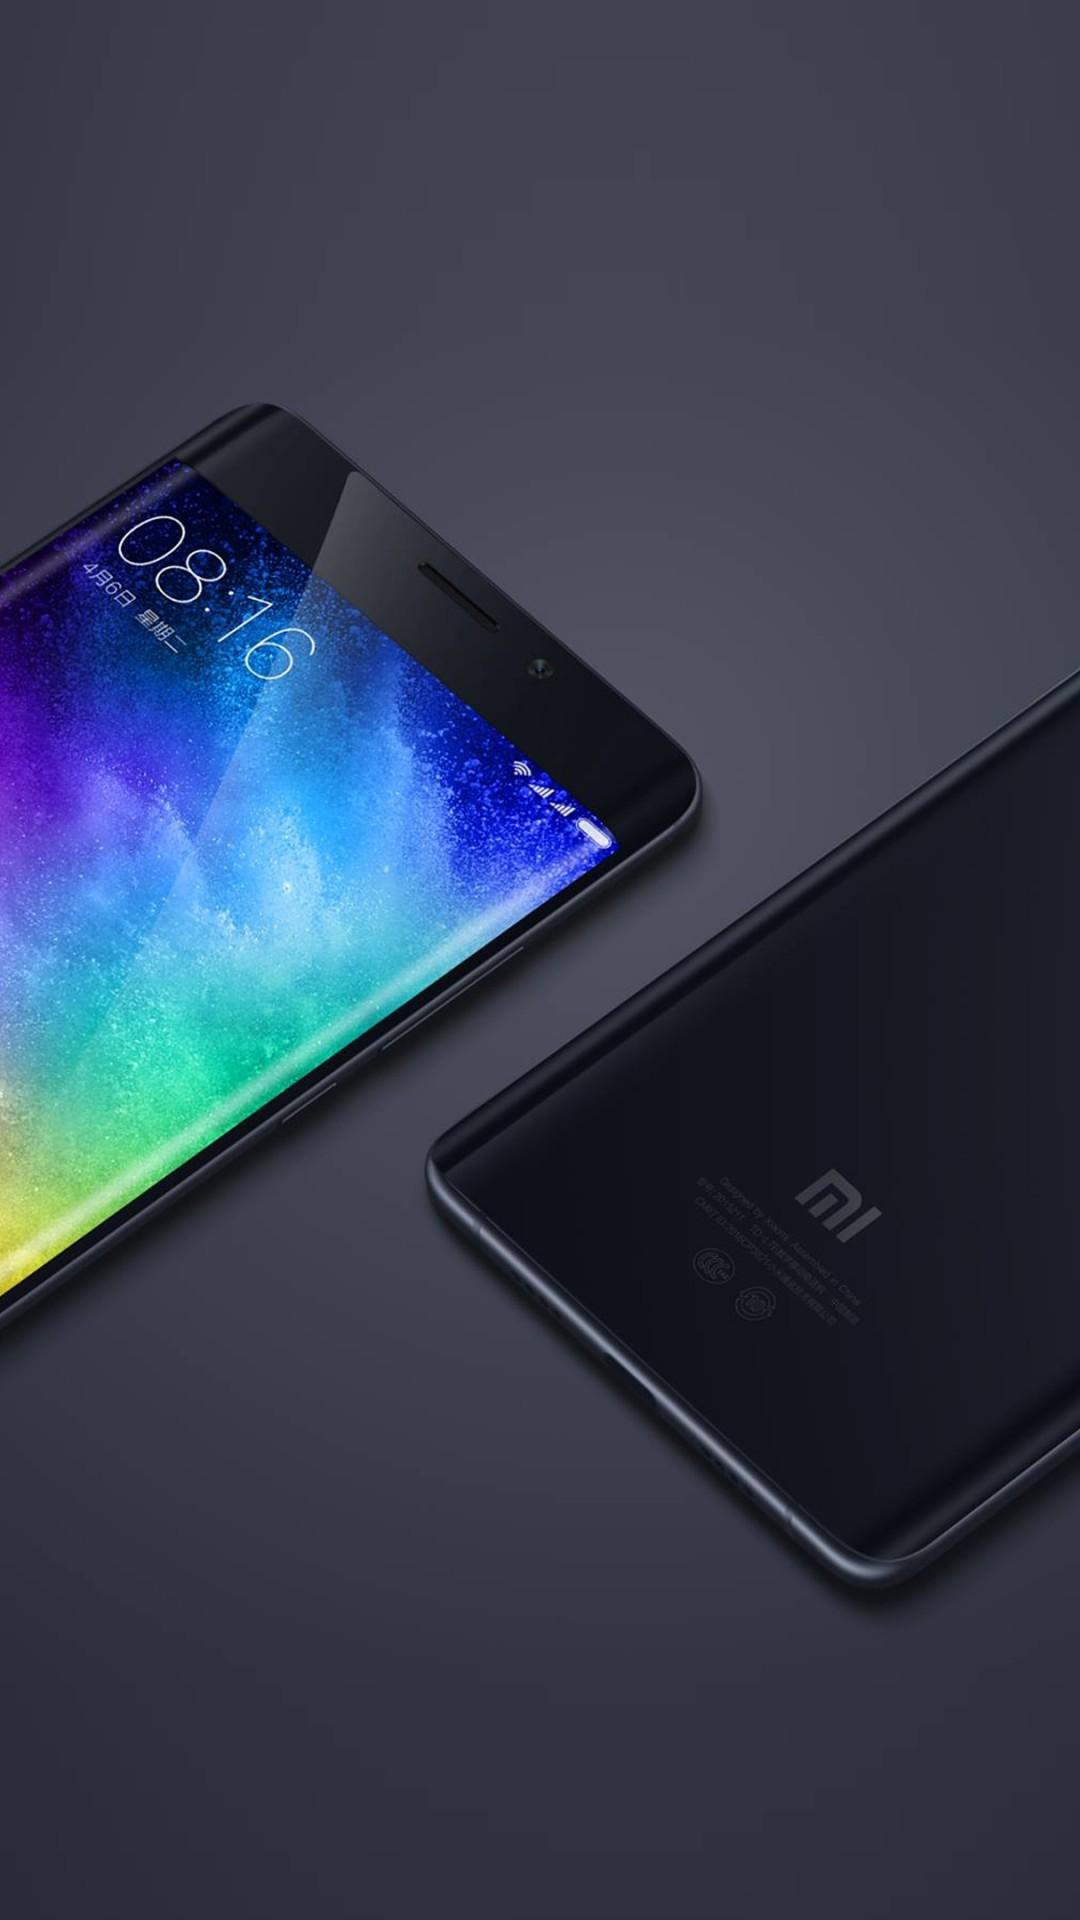 Wallpaper Xiaomi Mi Note 2 Review Best Smartphones Hi